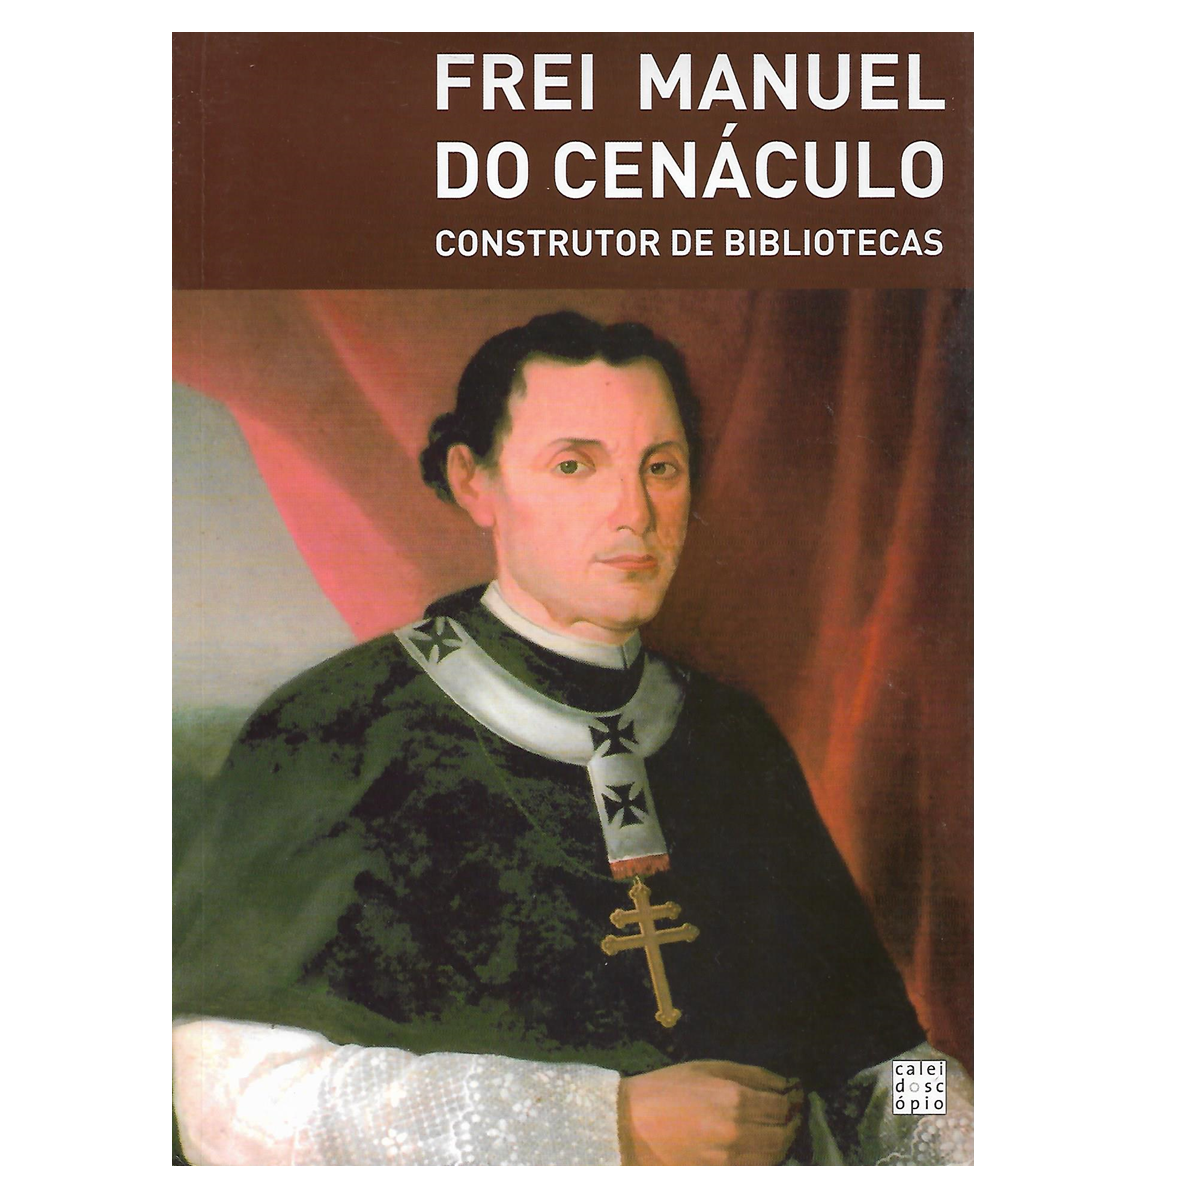 FREI MANUEL DO CENÁCULO: Construtor de Bibliotecas.